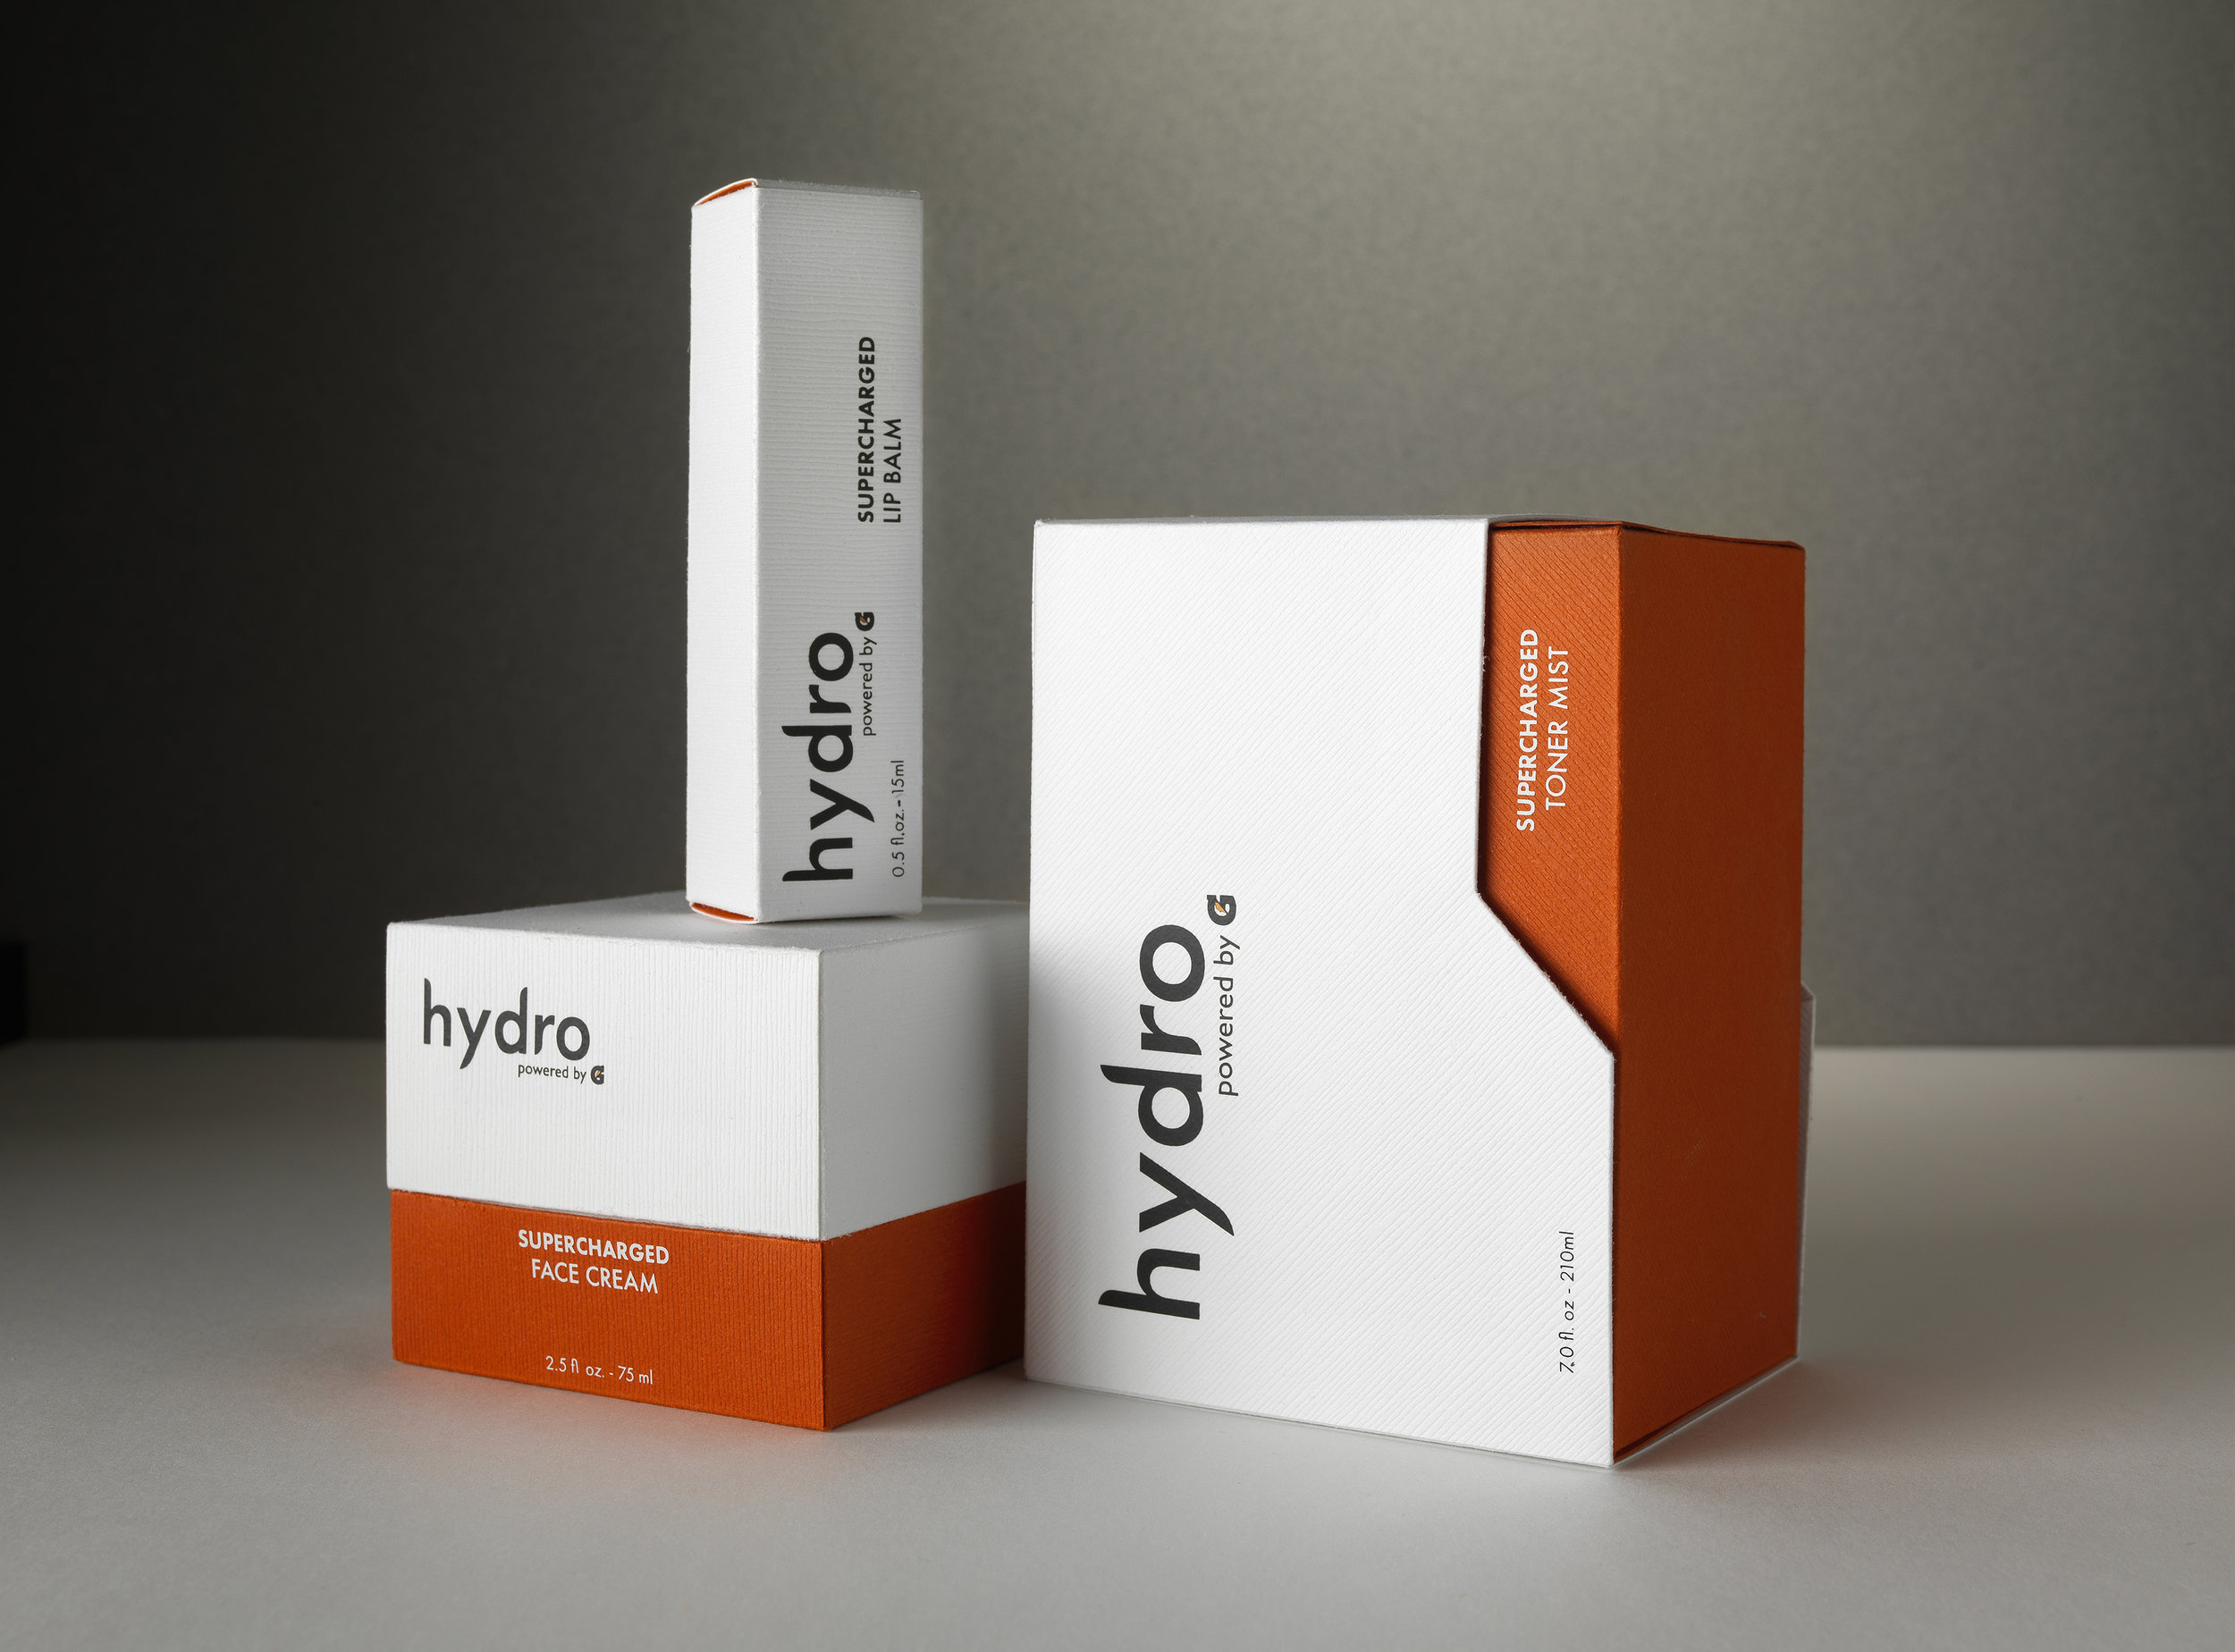 Hydro_03_150ppi_Prog3.jpg